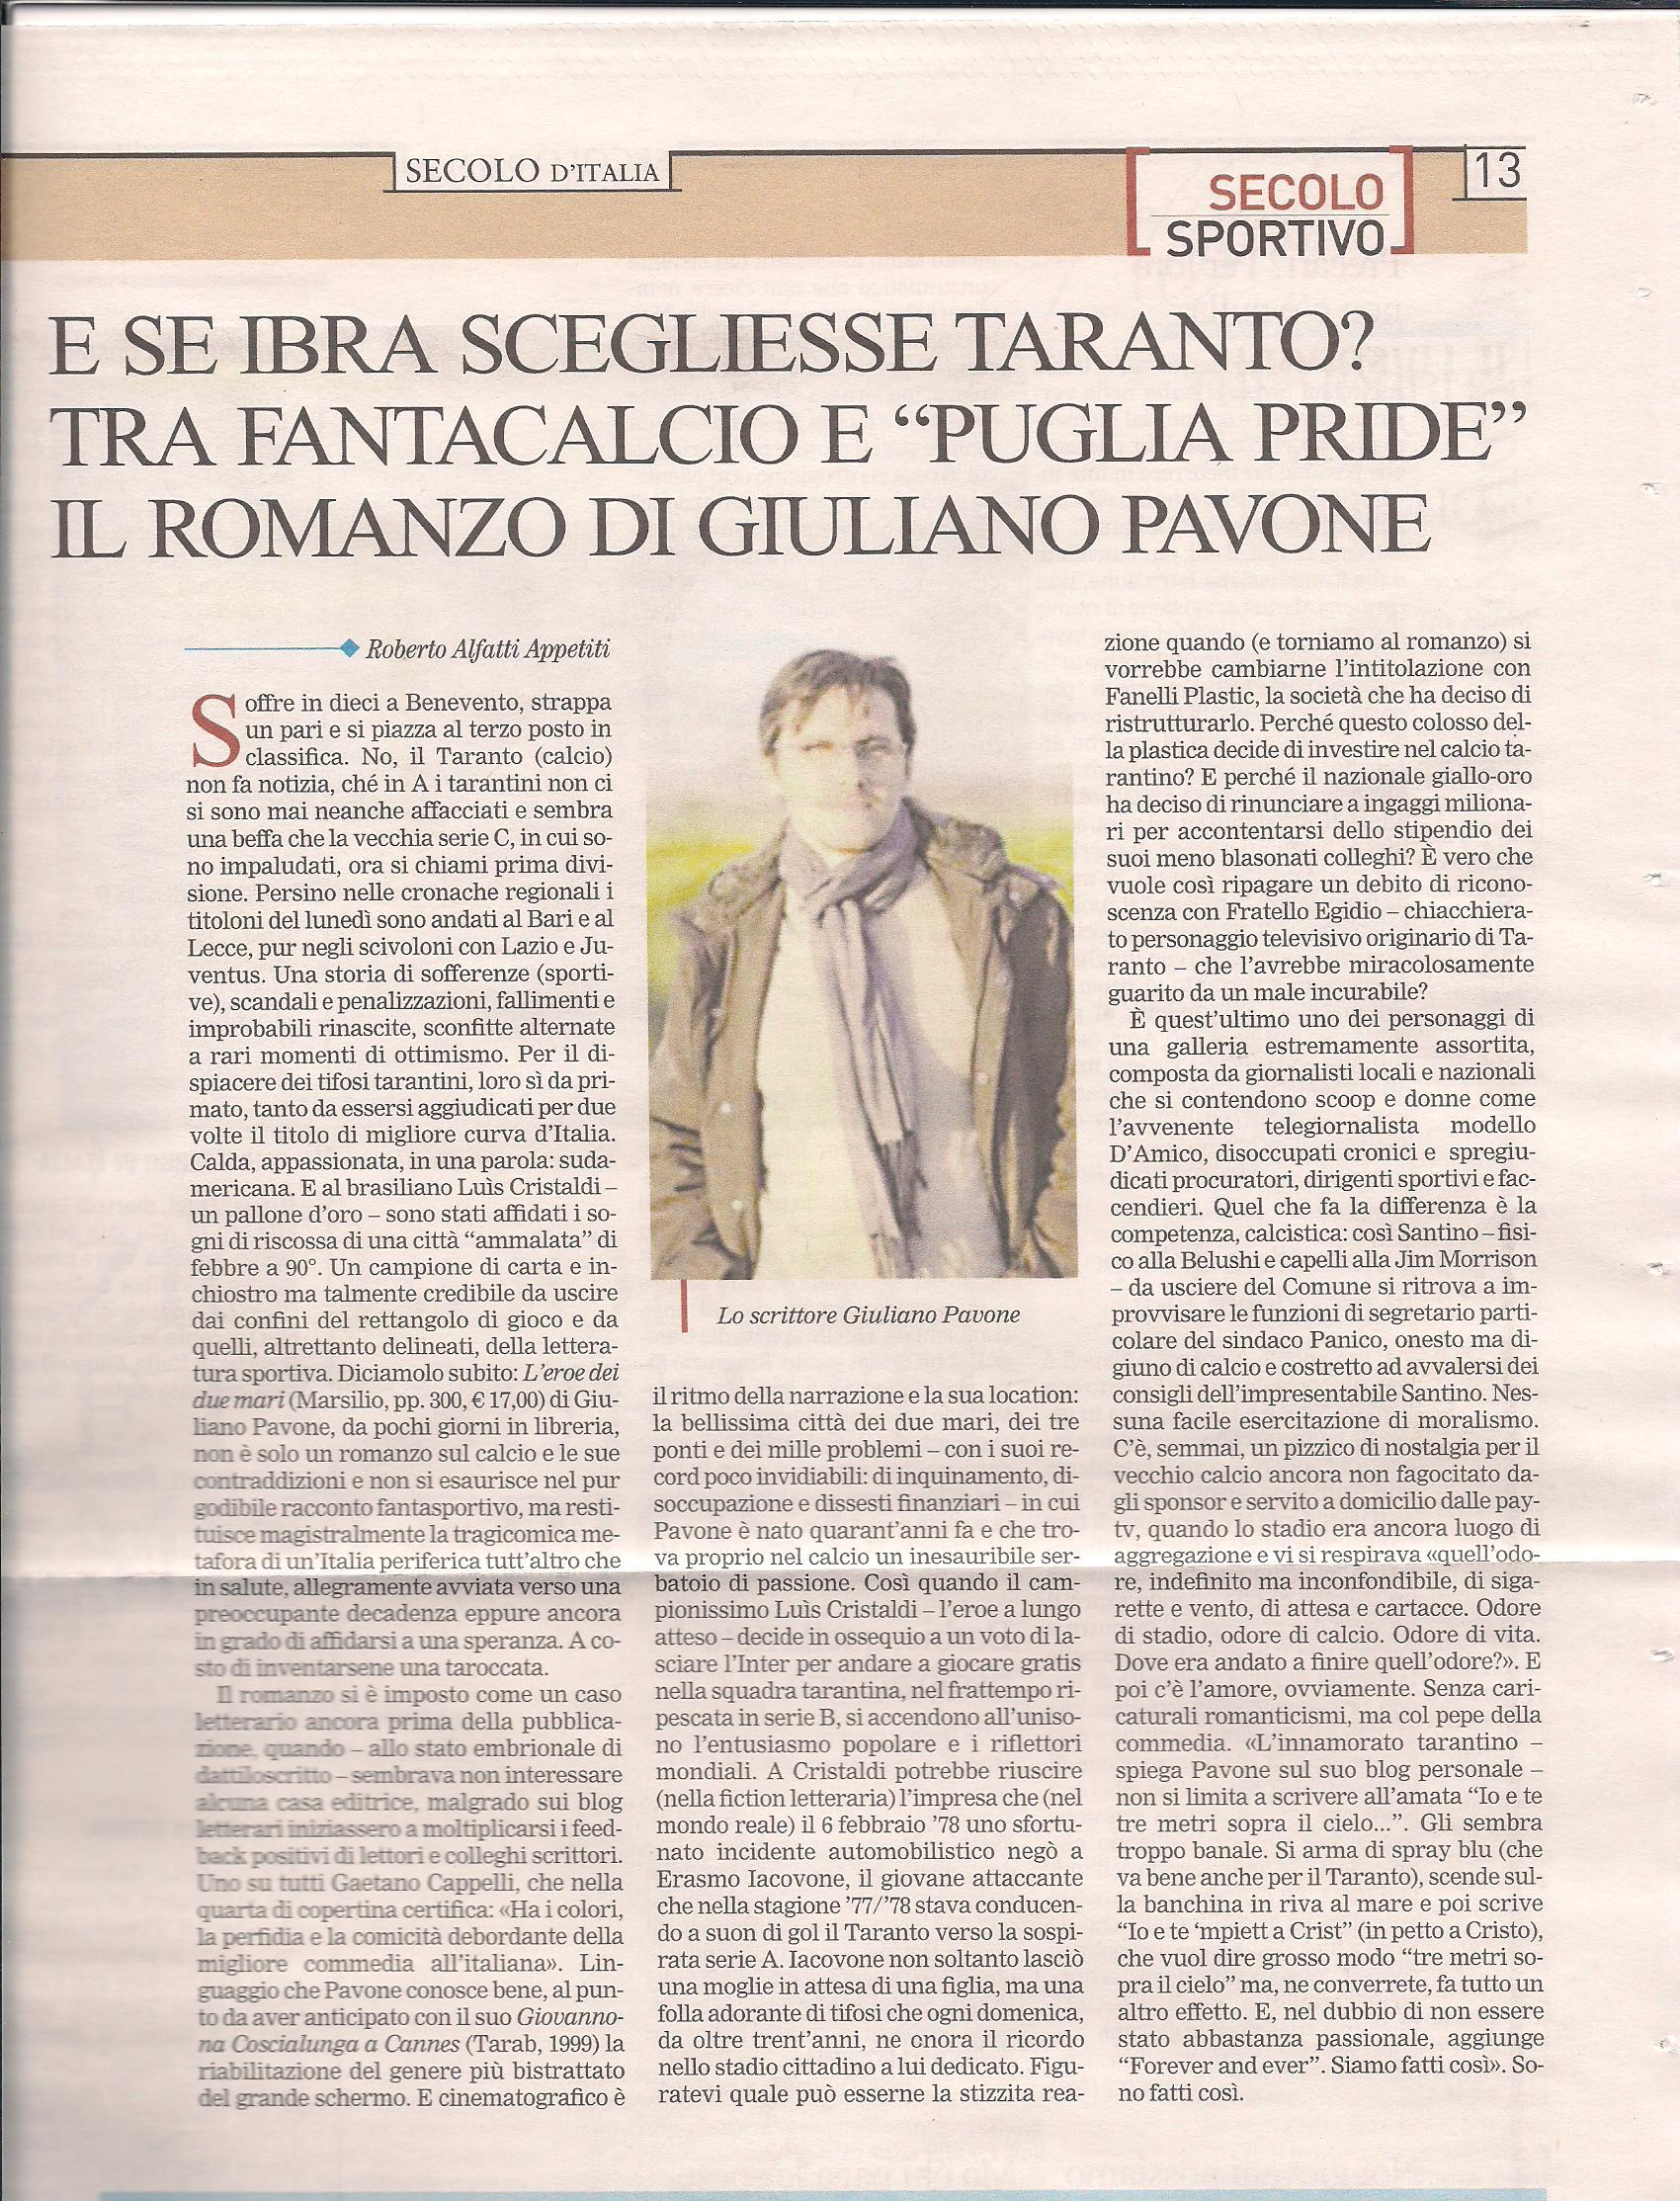 L'eroe dei due mari sul Secolo d'Italia (19 ottobre 2010)